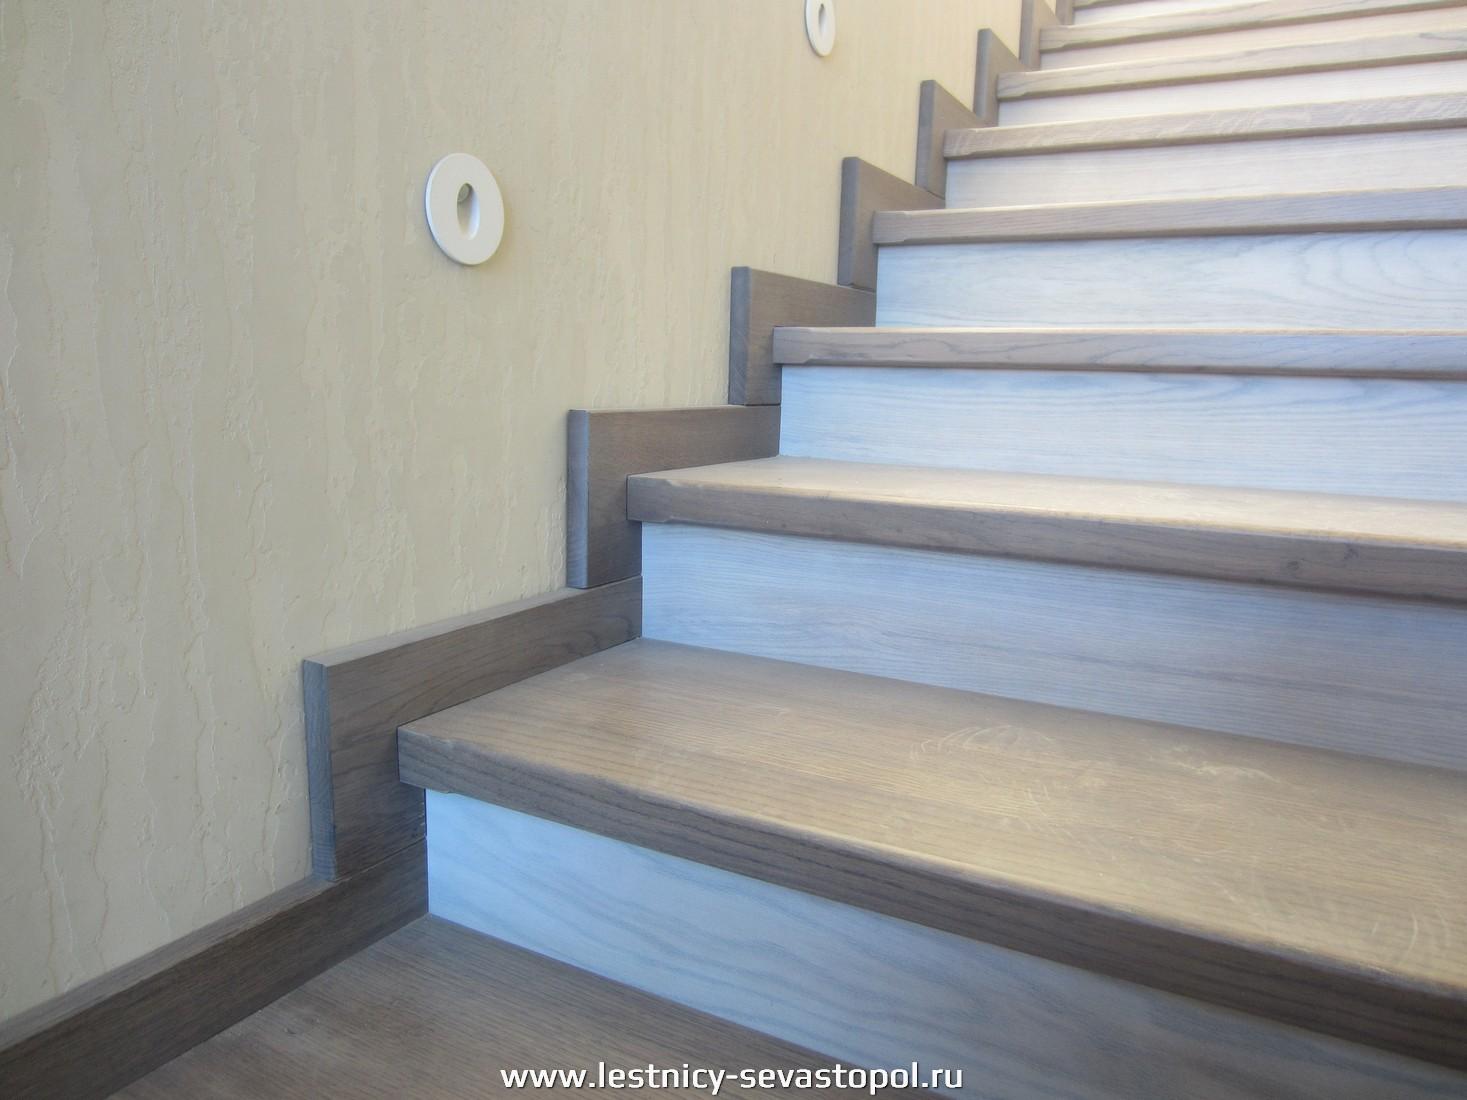 Каркас лестницы цена